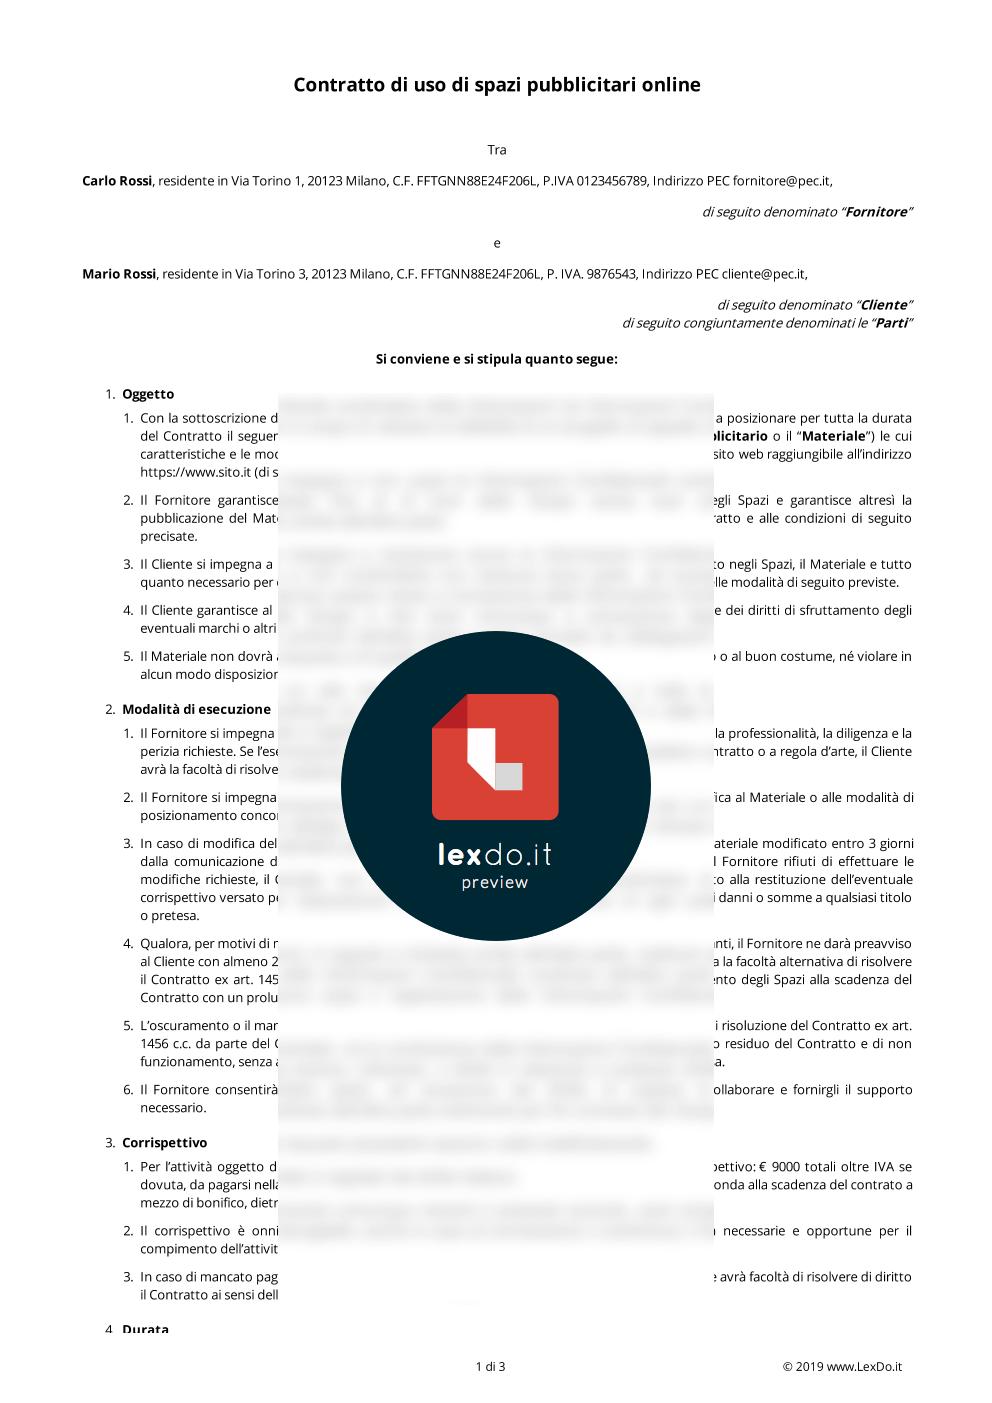 anteprima modello Contratto di Pubblicità